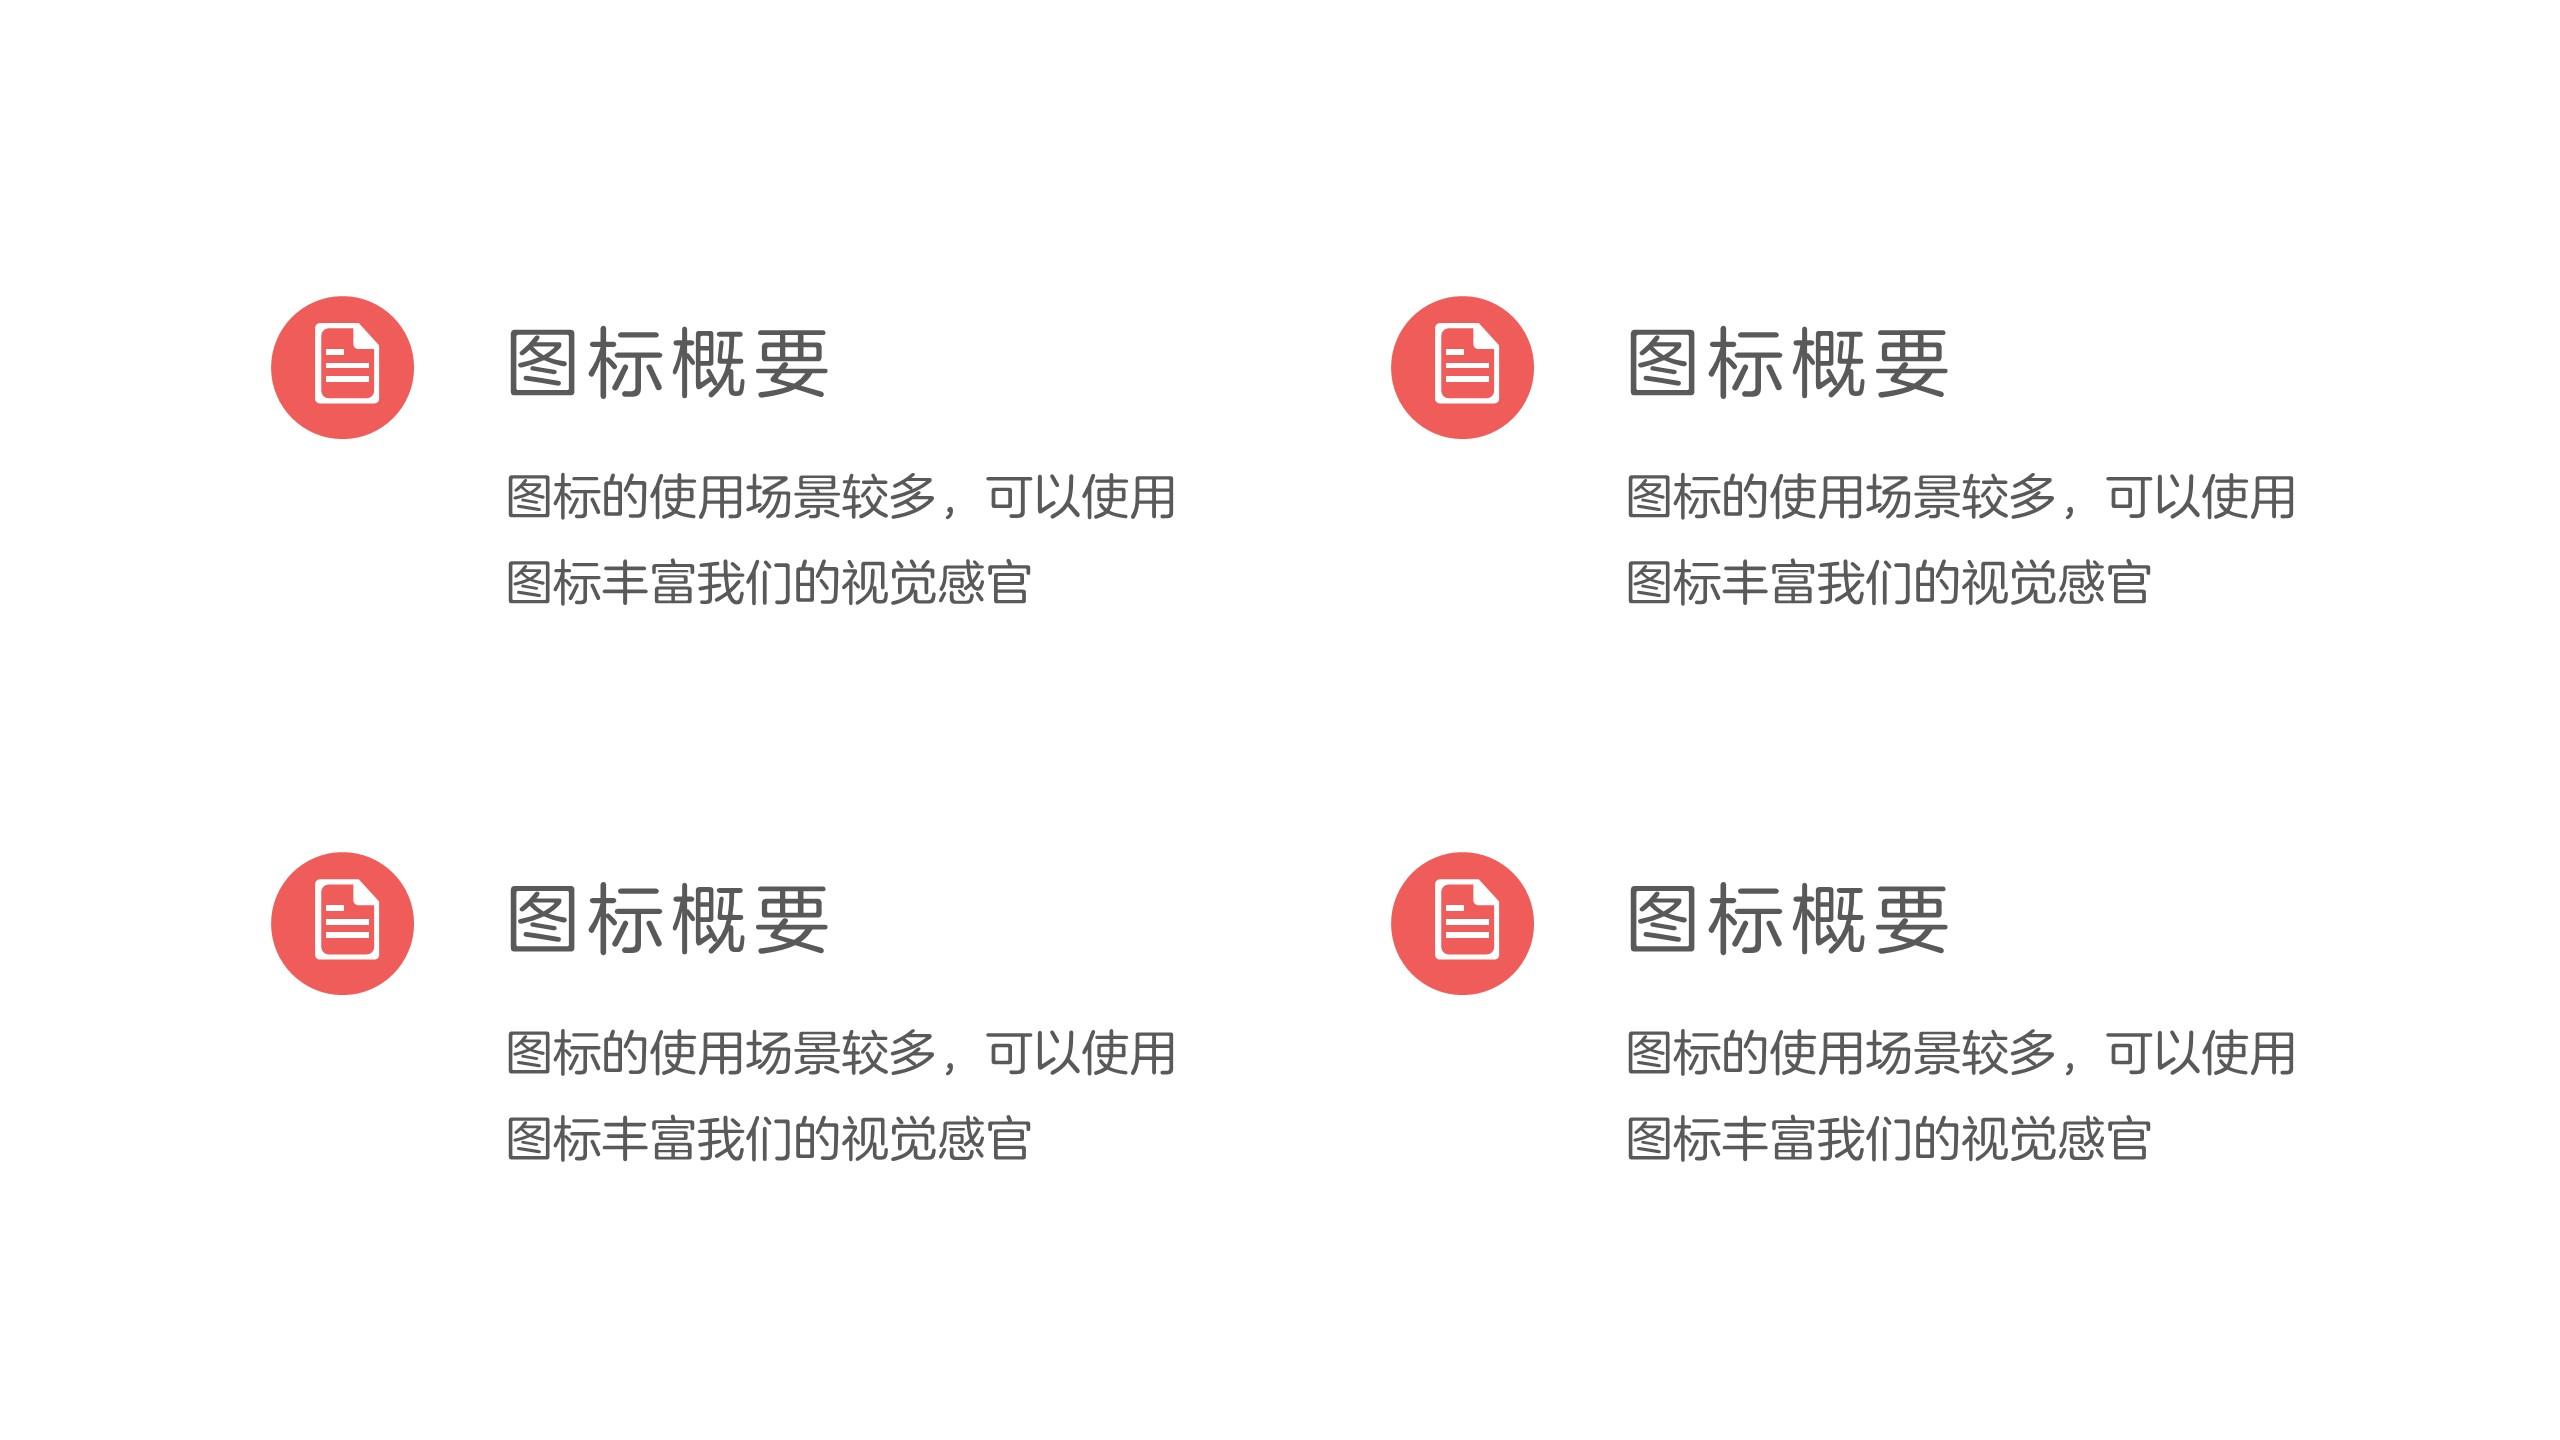 幻灯片中的小图标教程 君陵的PPT小院杂谈4